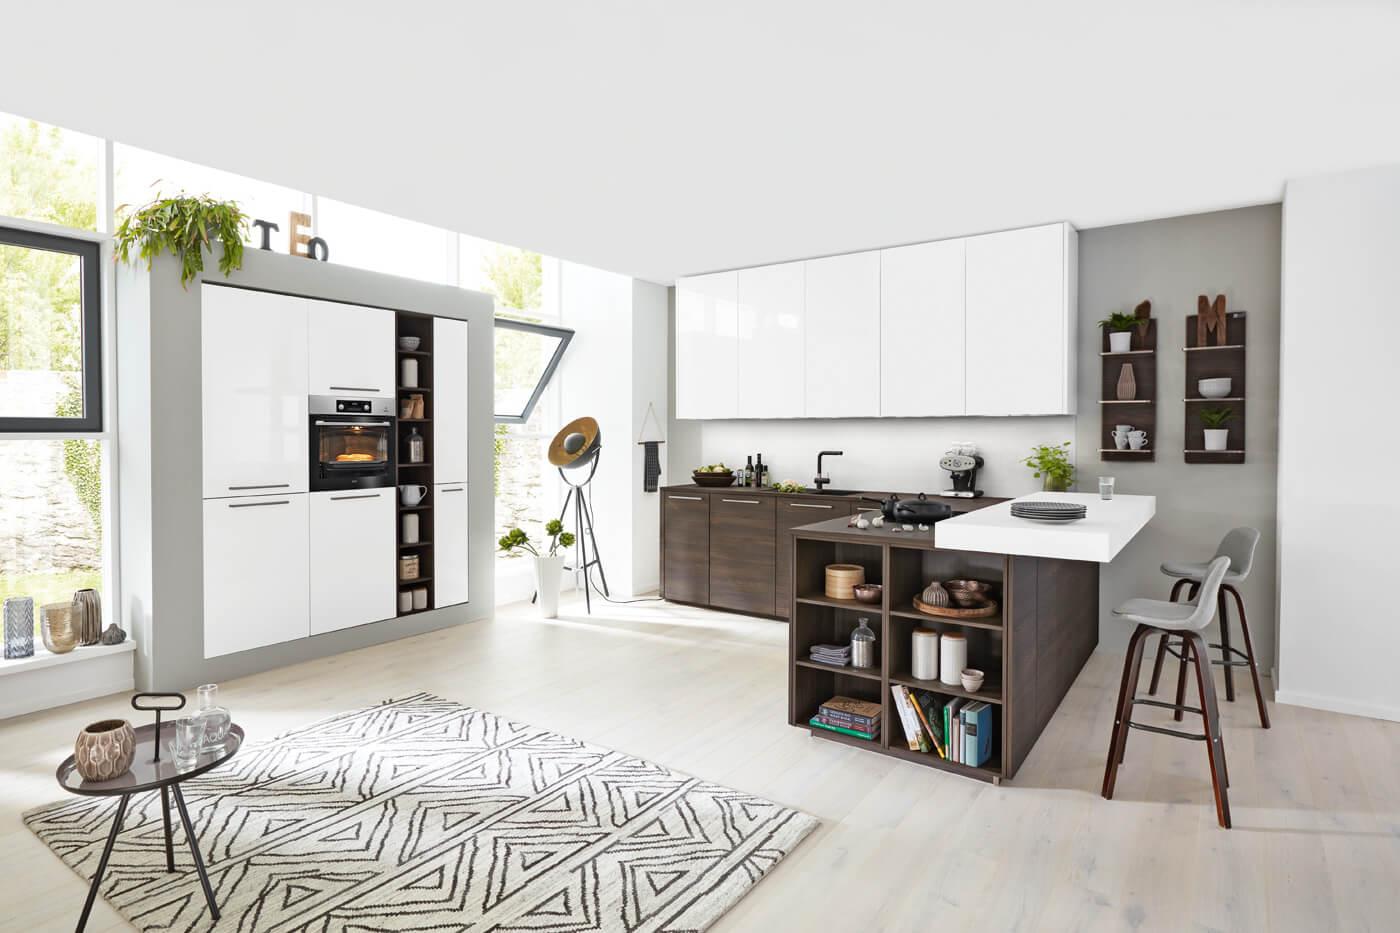 Moderne keuken met lakelementen witgrijs contrasterend